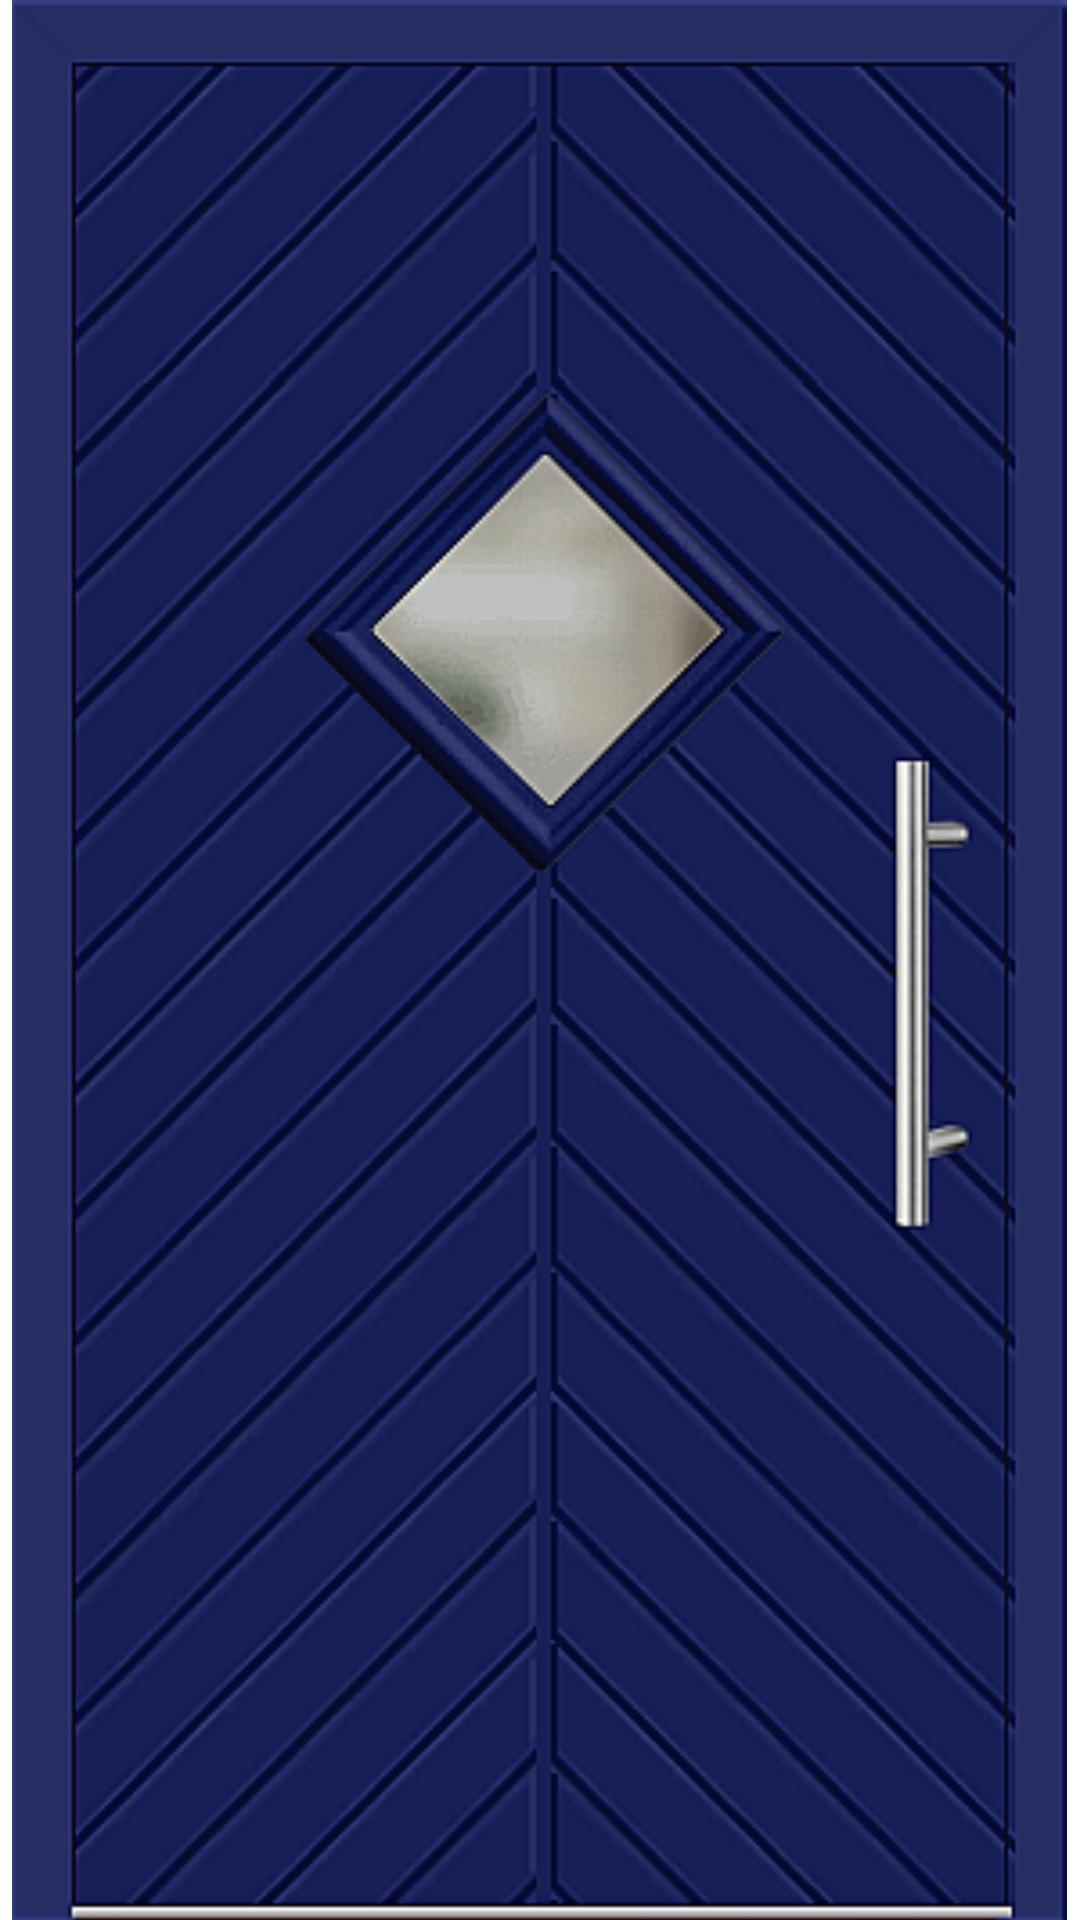 Kunststoff Haustür Modell 23-62 ultramarinblau